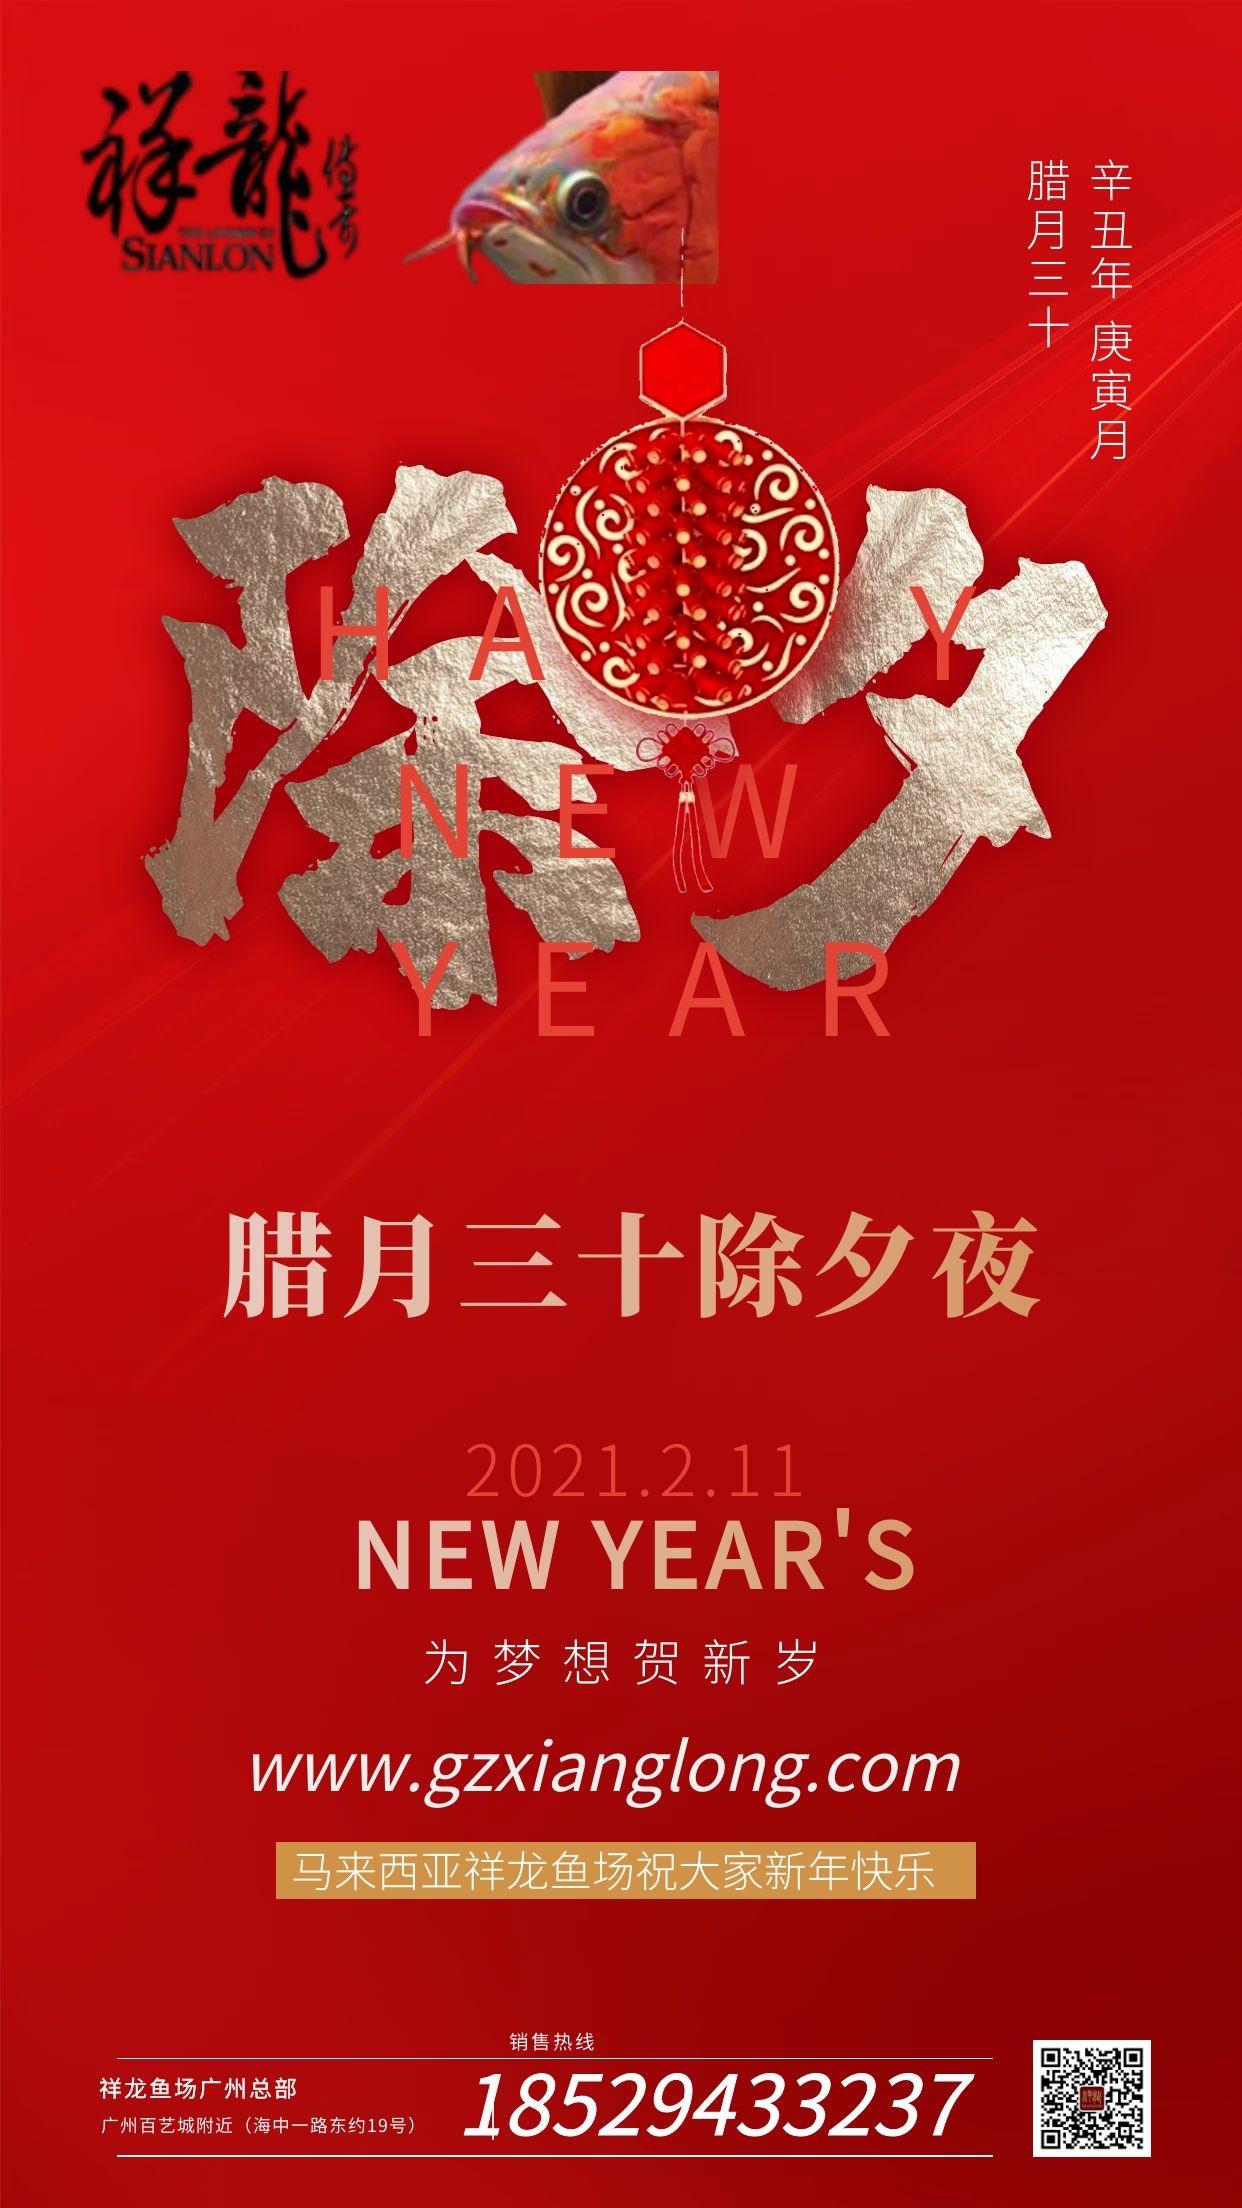 西安琉璃祥龙水族馆恭贺本市鱼友新春快乐祝福2021 西安水族馆信息 西安博特第3张